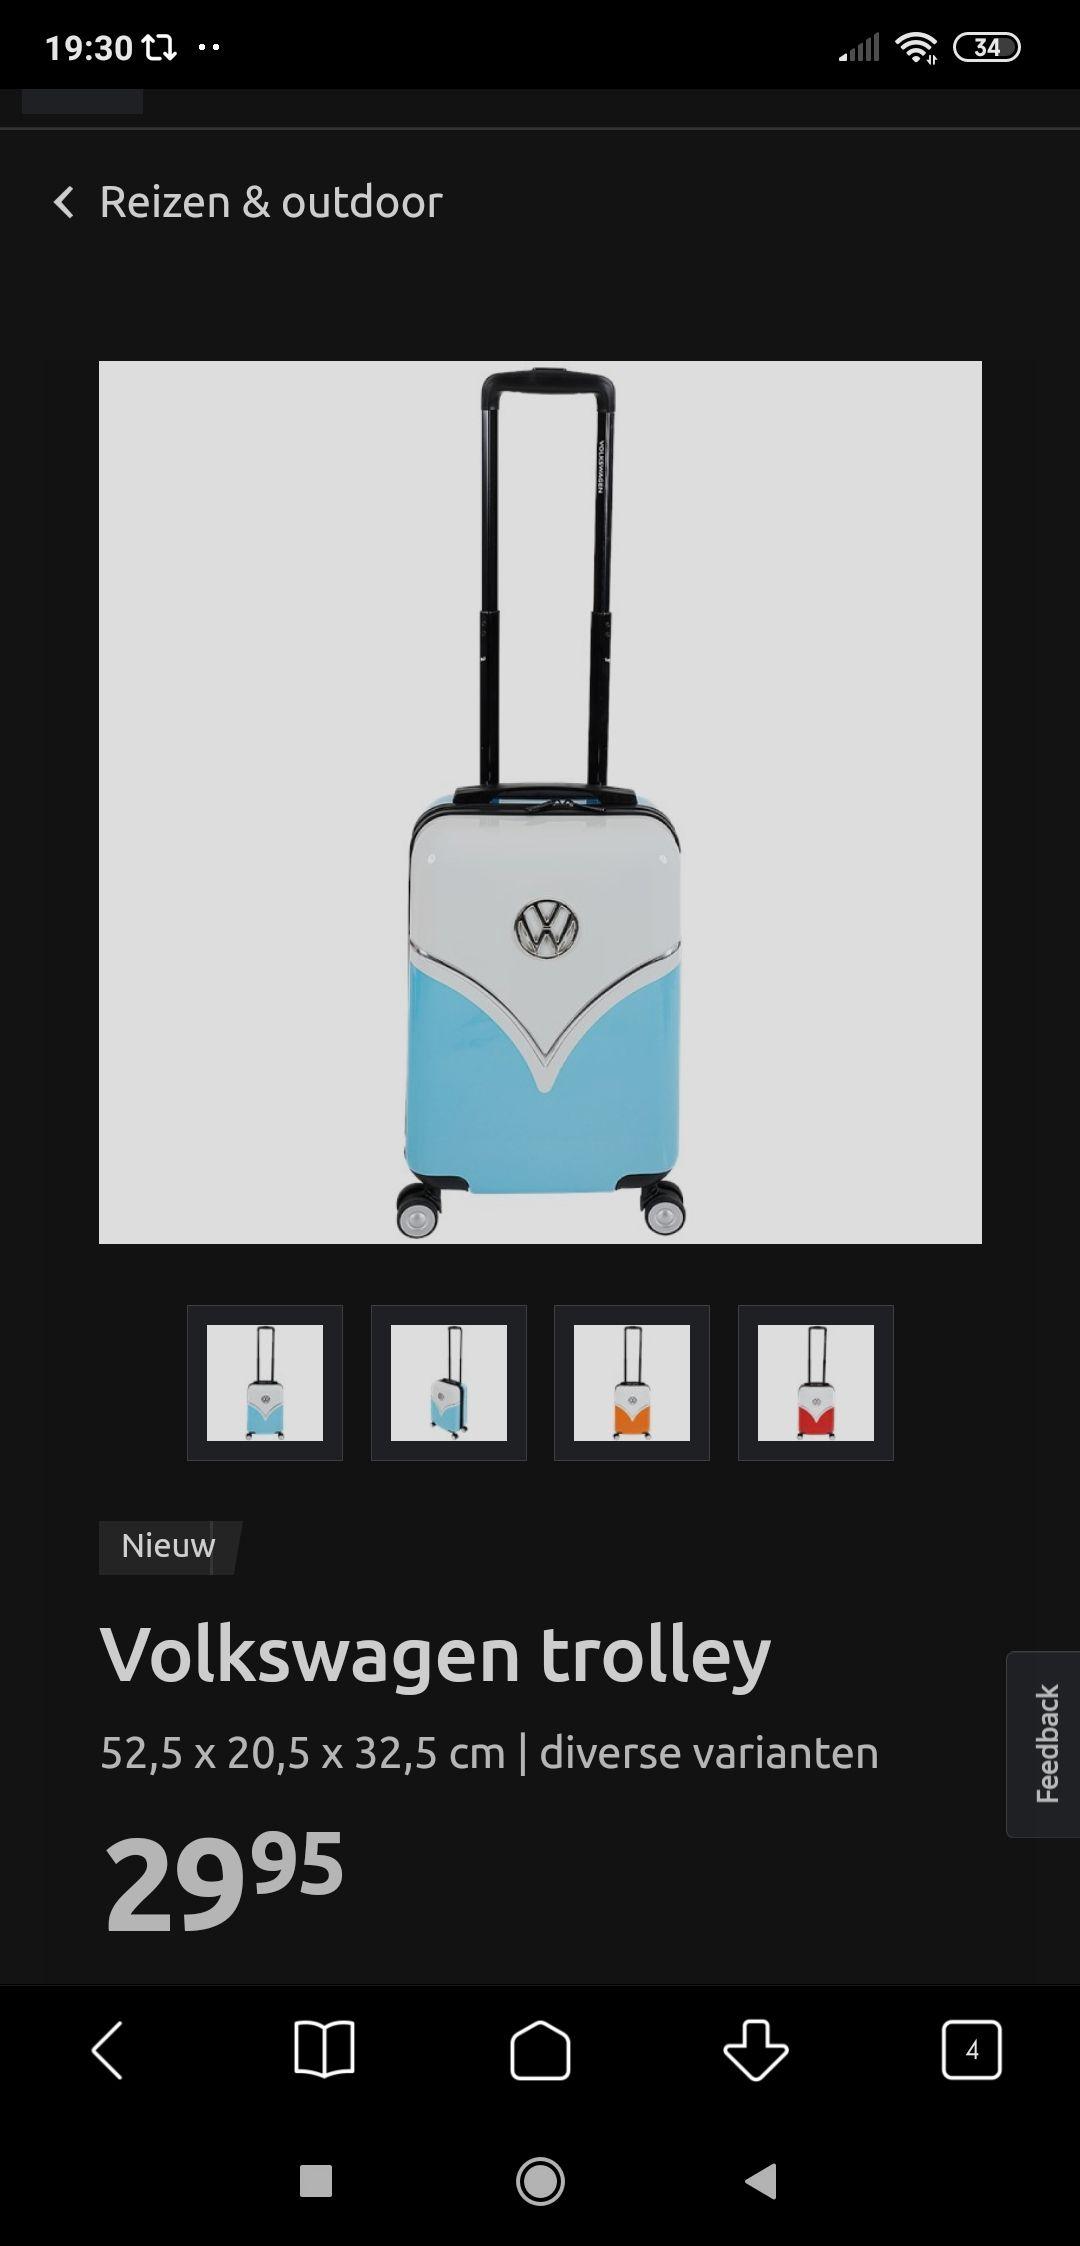 Tent met de afbeelding van een VW bus 3 pers. @Action